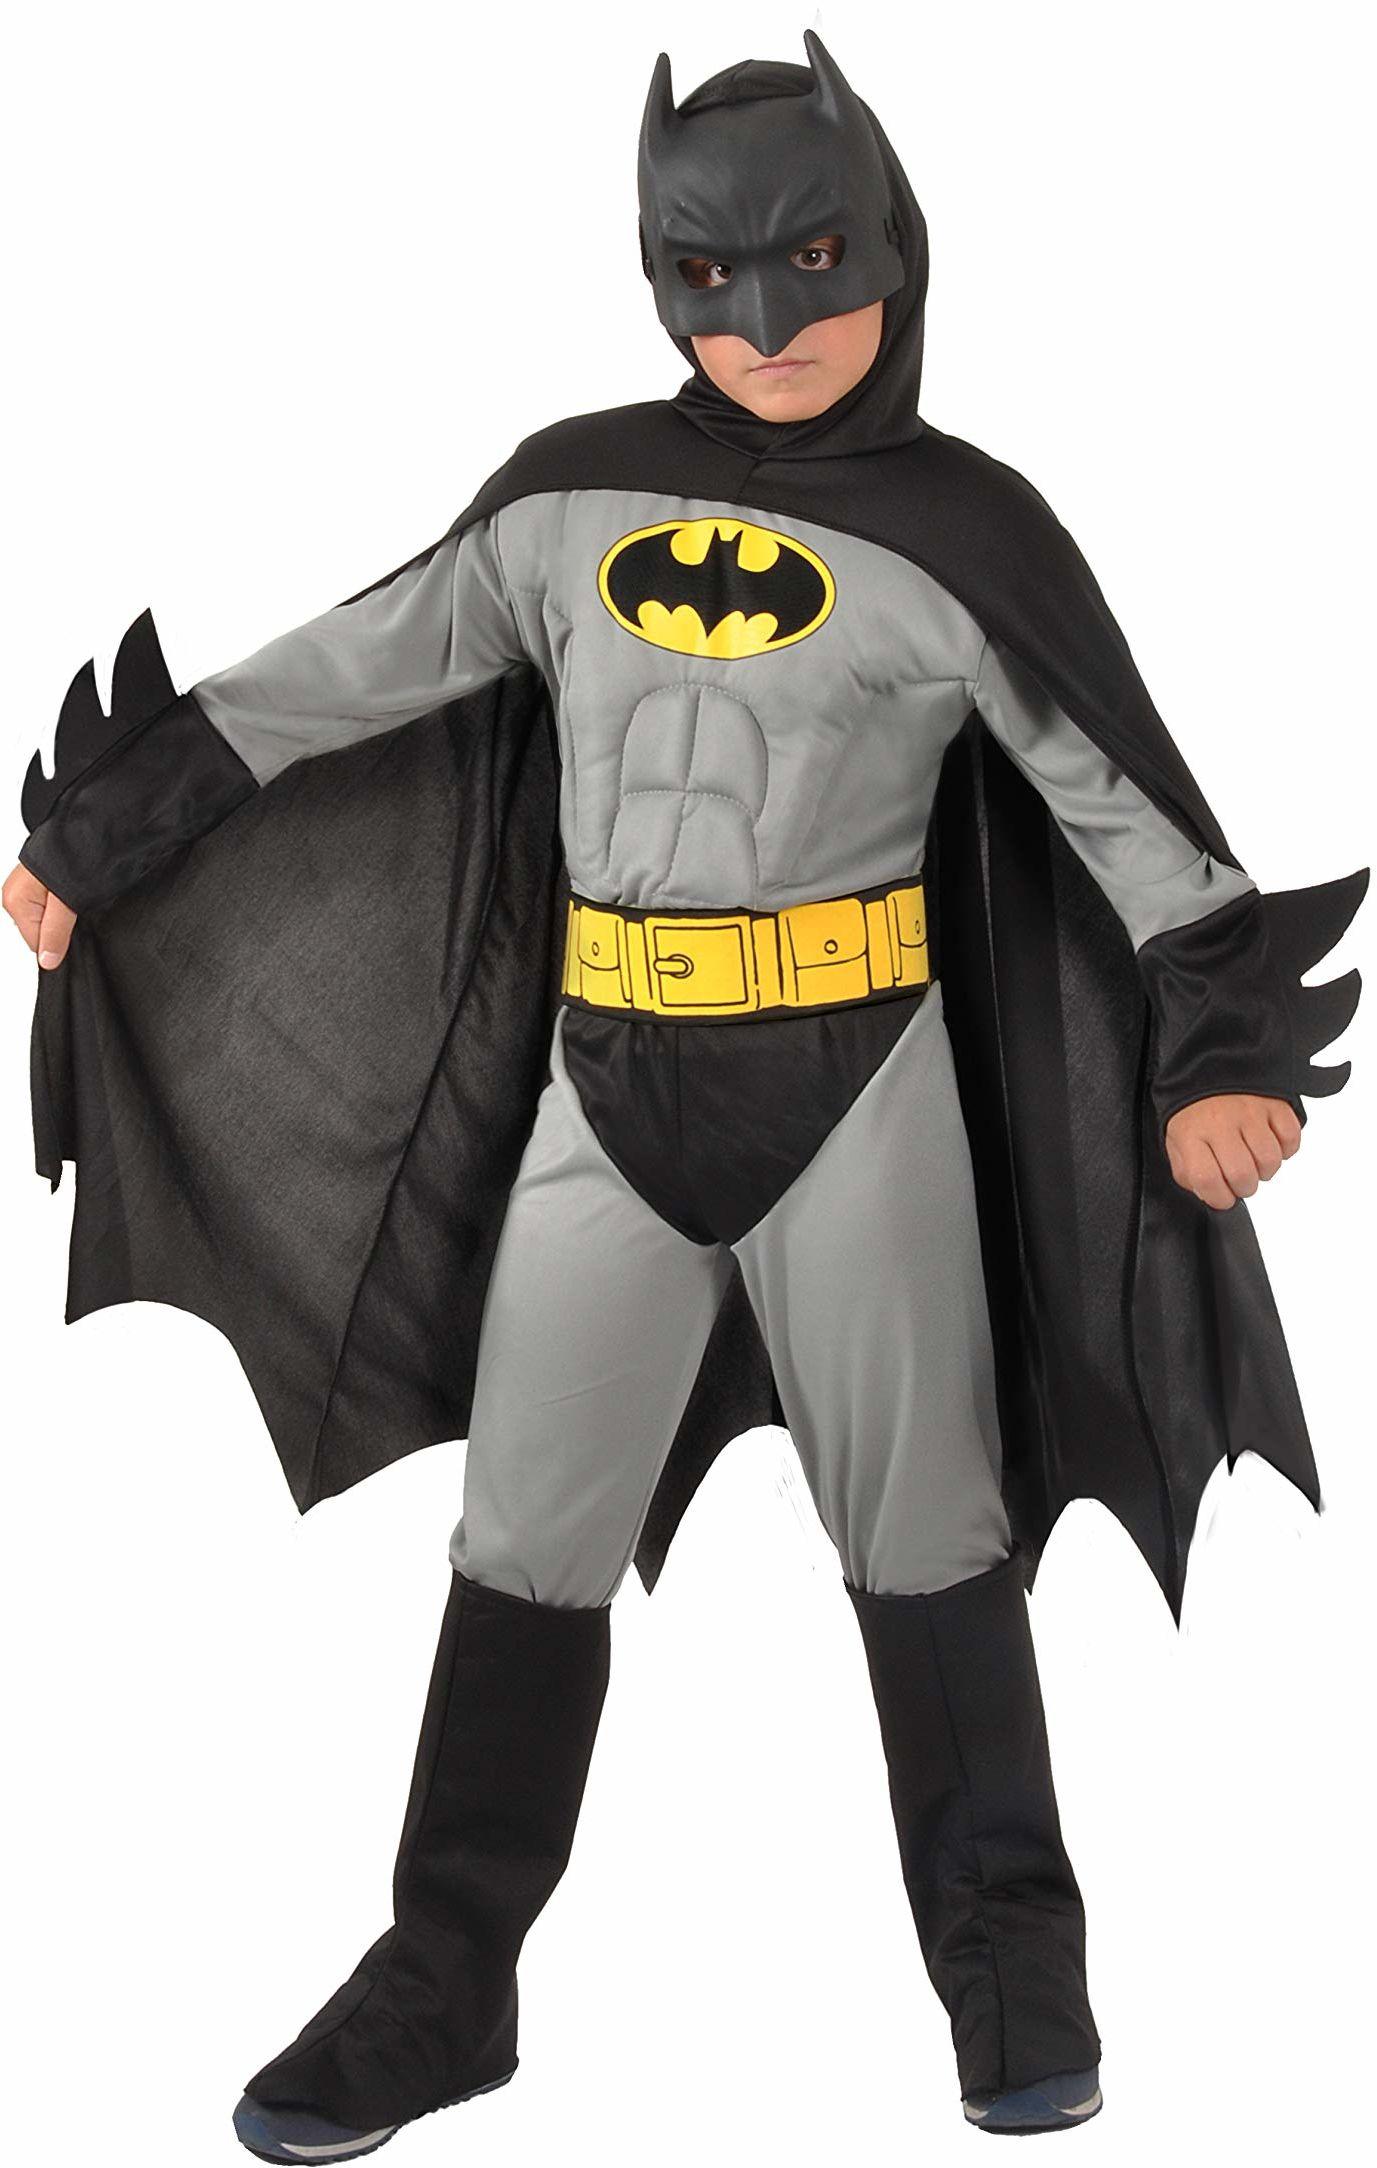 Ciao -Batman Classic kostium dziecięcy oryginalny DC Comics (rozmiar 3-4 lata) z wyściełanymi mięśniami klatki piersiowej, kolor szary/czarny, 11701.3-4